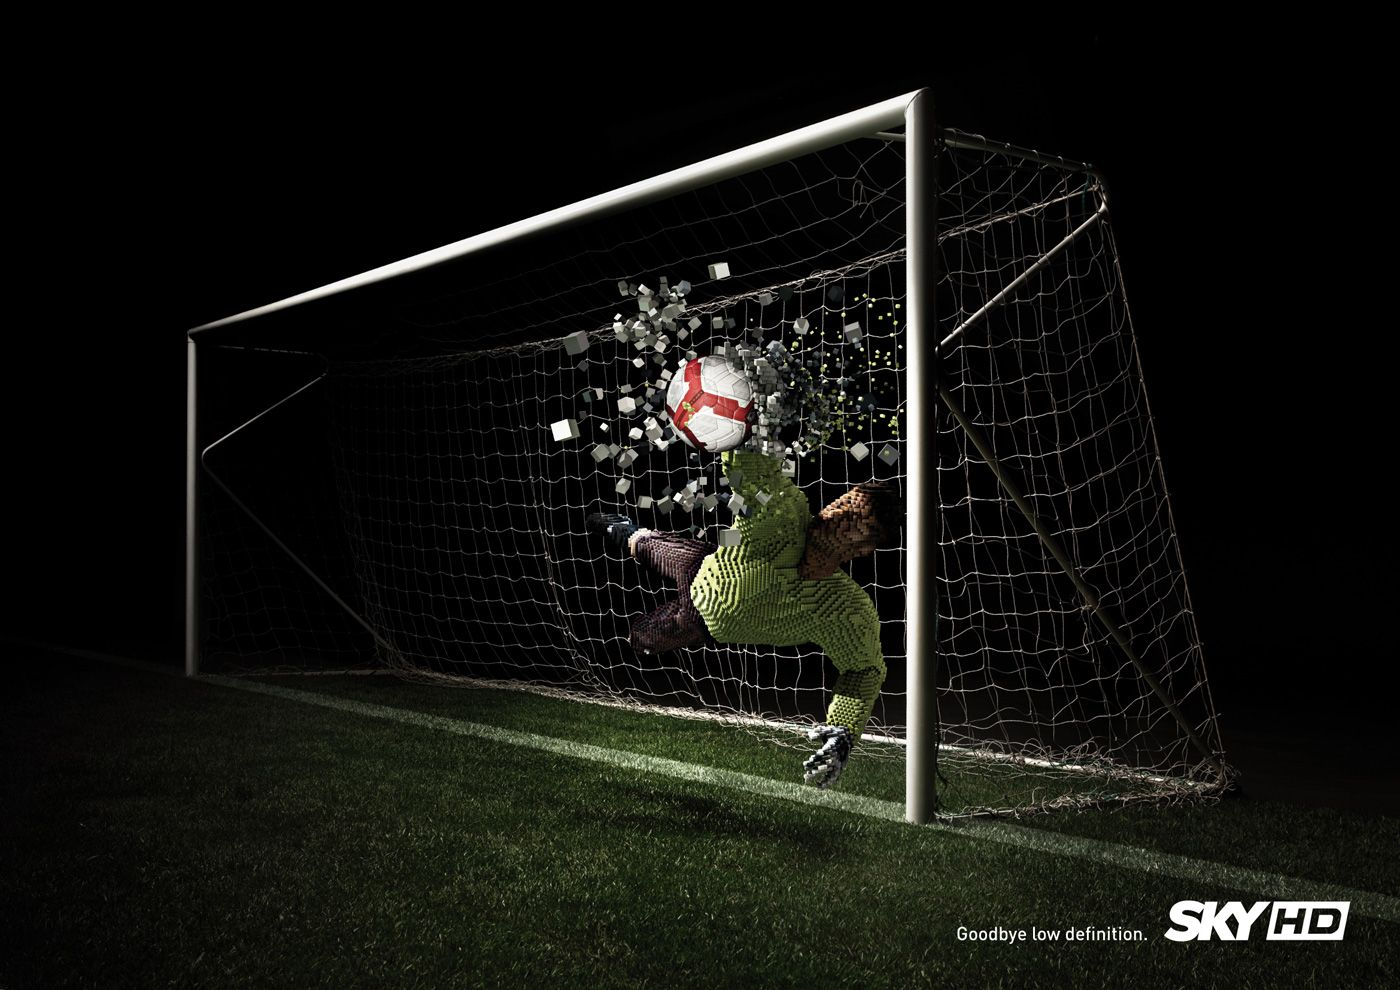 Spécial Coupe du Monde de Football : Les 100 plus belles publicités sur le foot ! 35